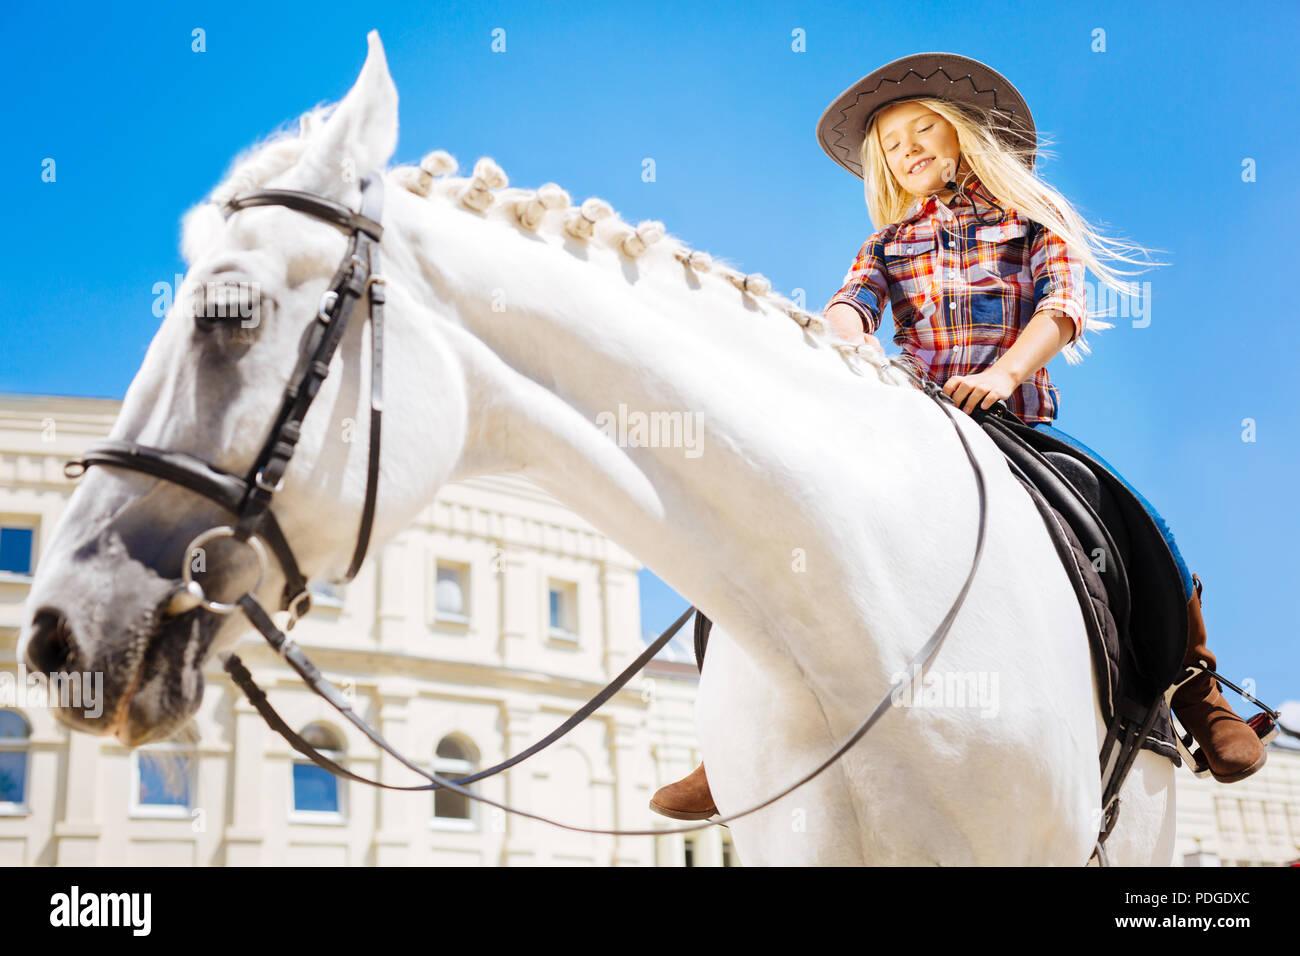 Hermosa colegiala abrazando a caballo blanco mientras está sentado en él Imagen De Stock